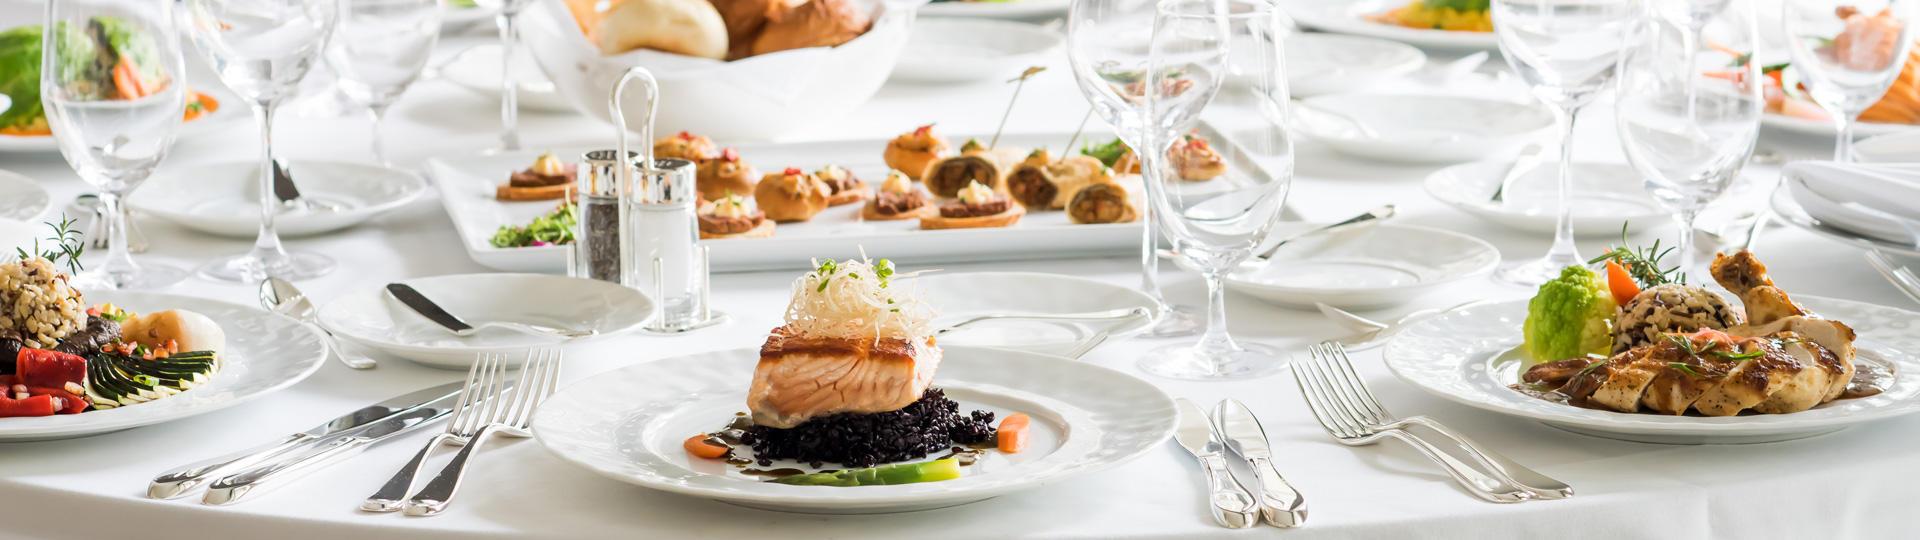 Food on plates, table settings